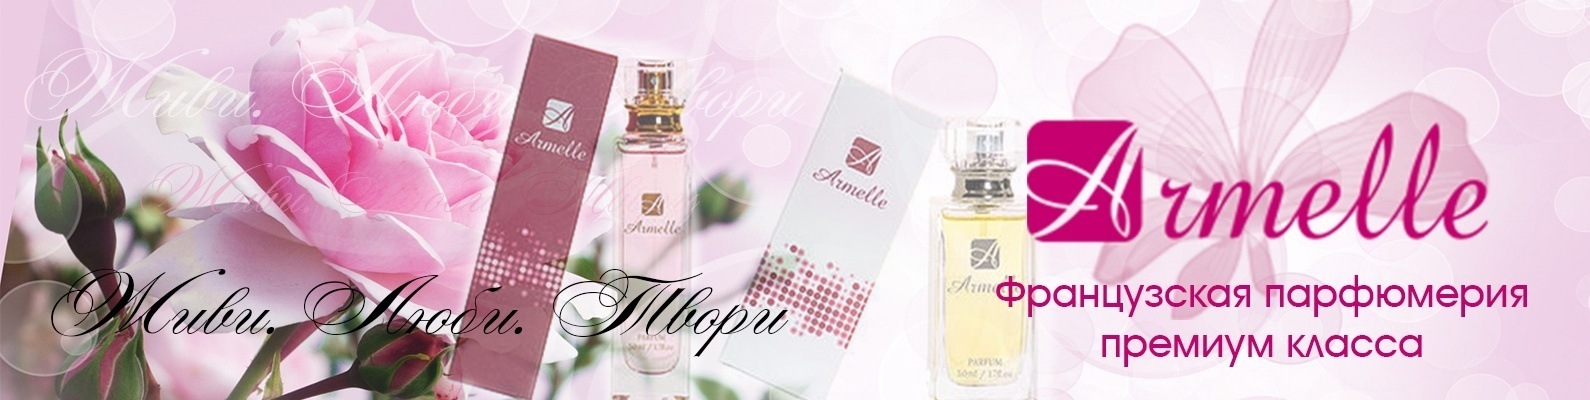 парфюм Armelle купить